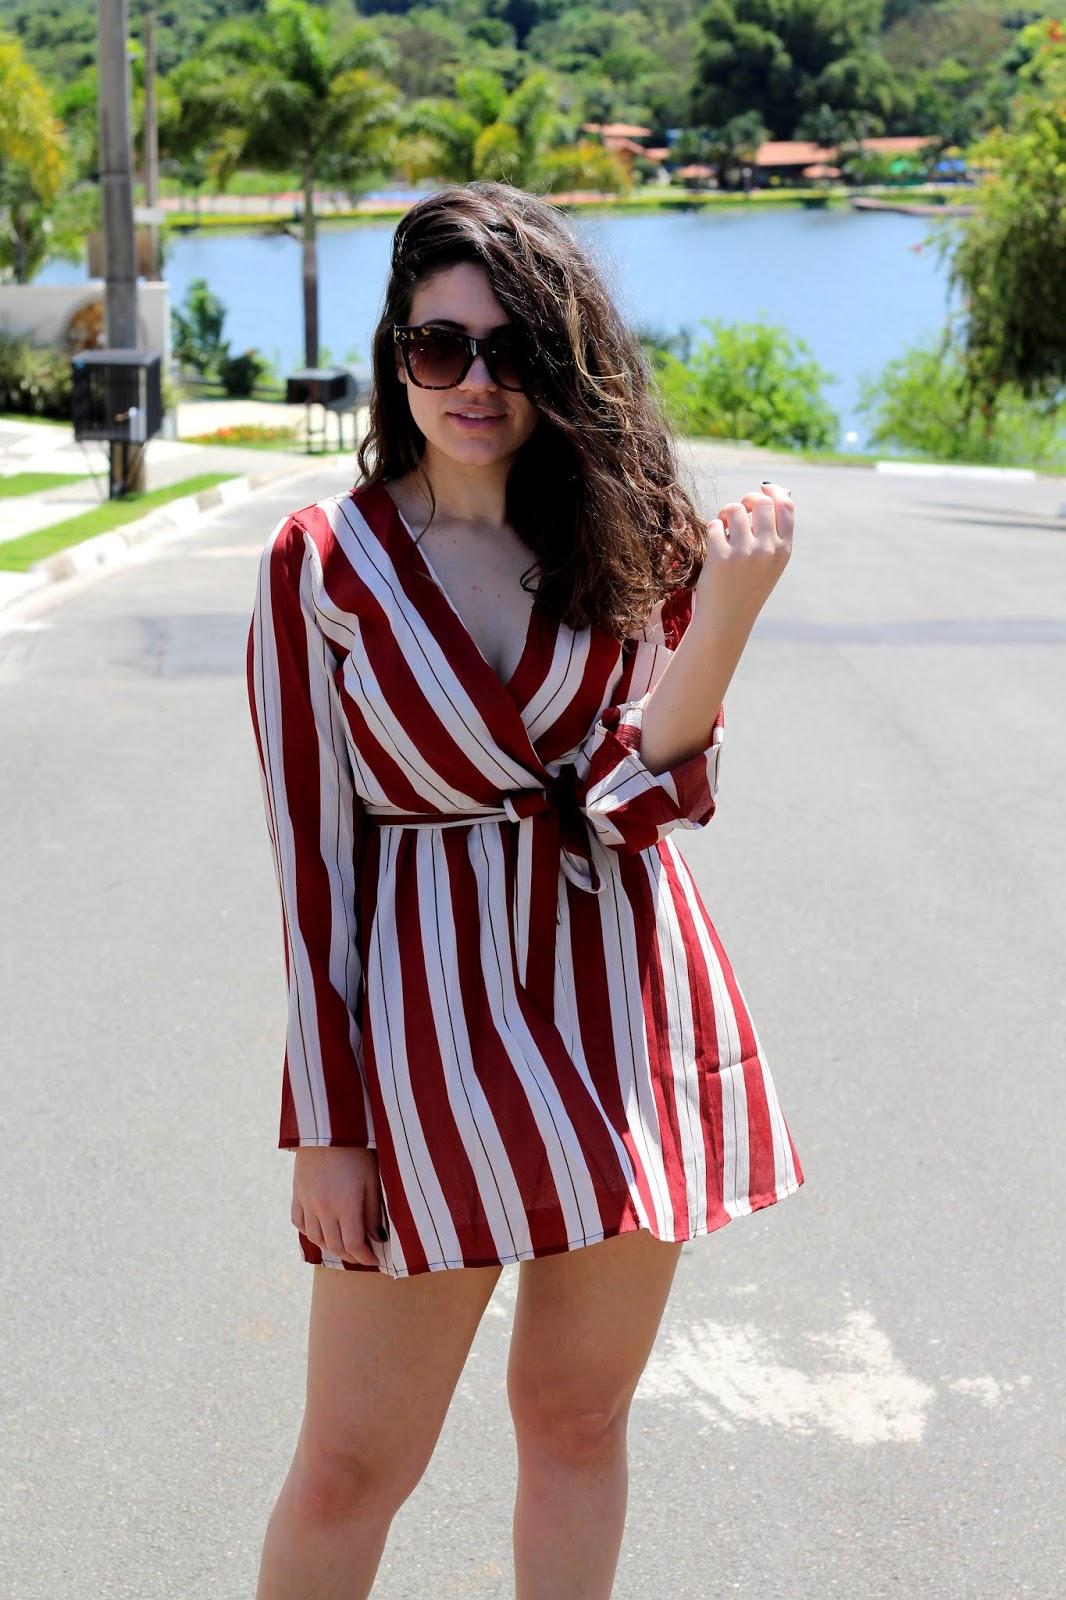 look da ana anadodia ana do dia vestido listrado listras vermelhas vestido dreslily look do dia